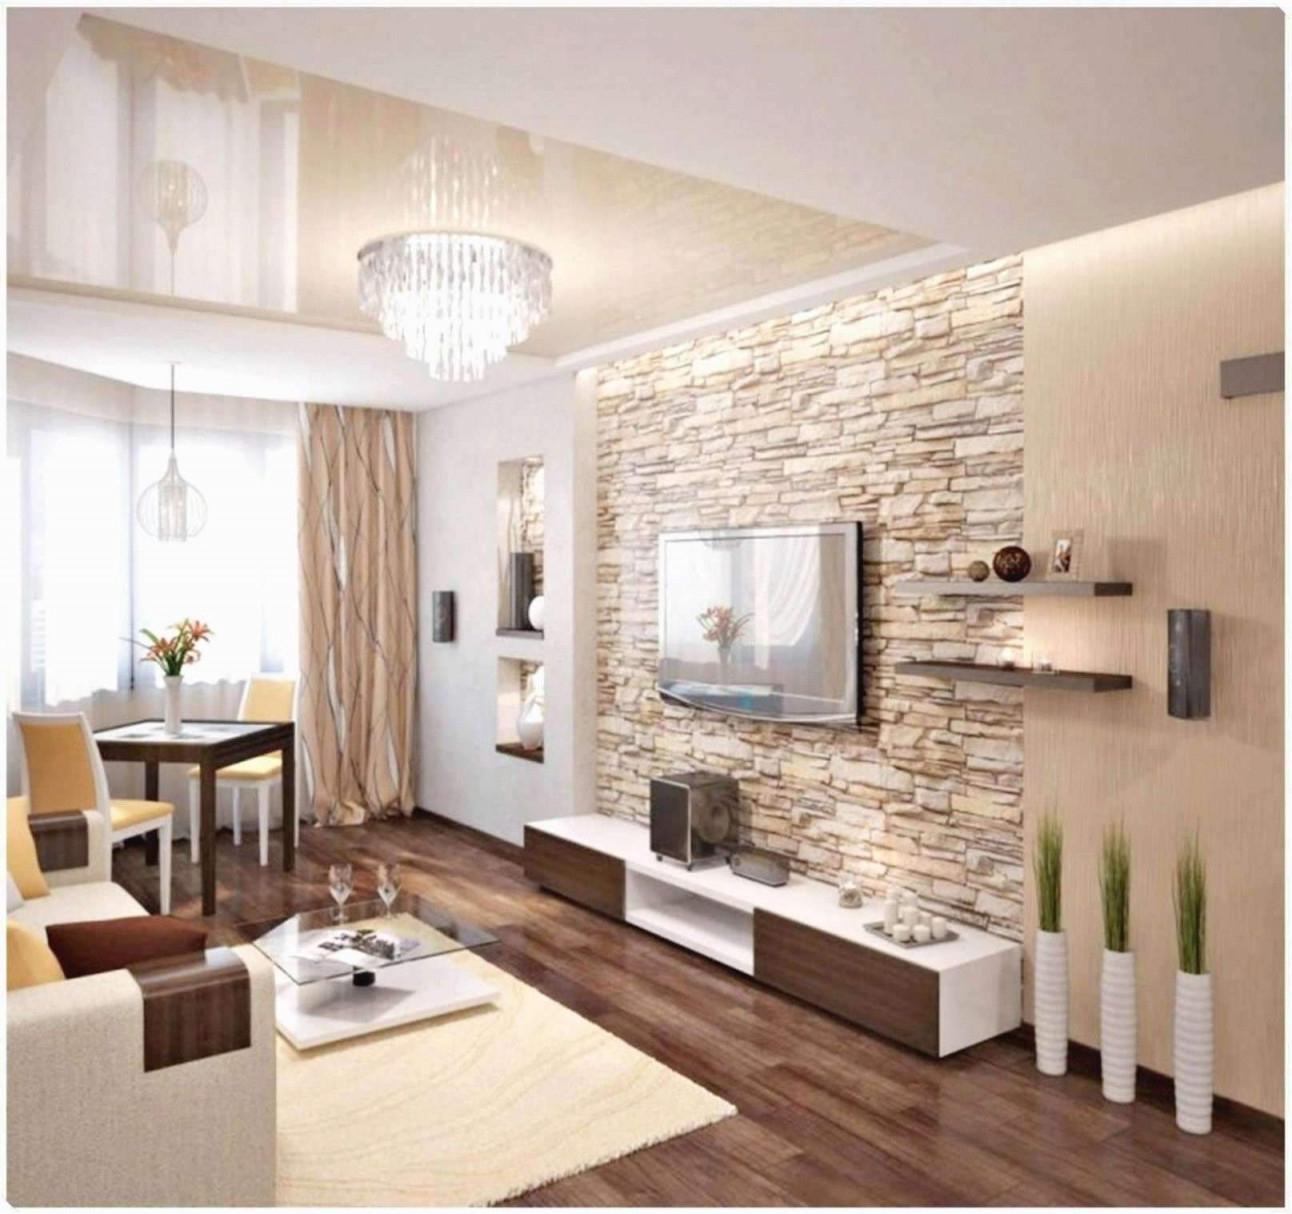 29 Luxus Wohnzimmer Einrichten Ideen Genial  Wohnzimmer Frisch von Wohnzimmer Ideen Bilder Photo